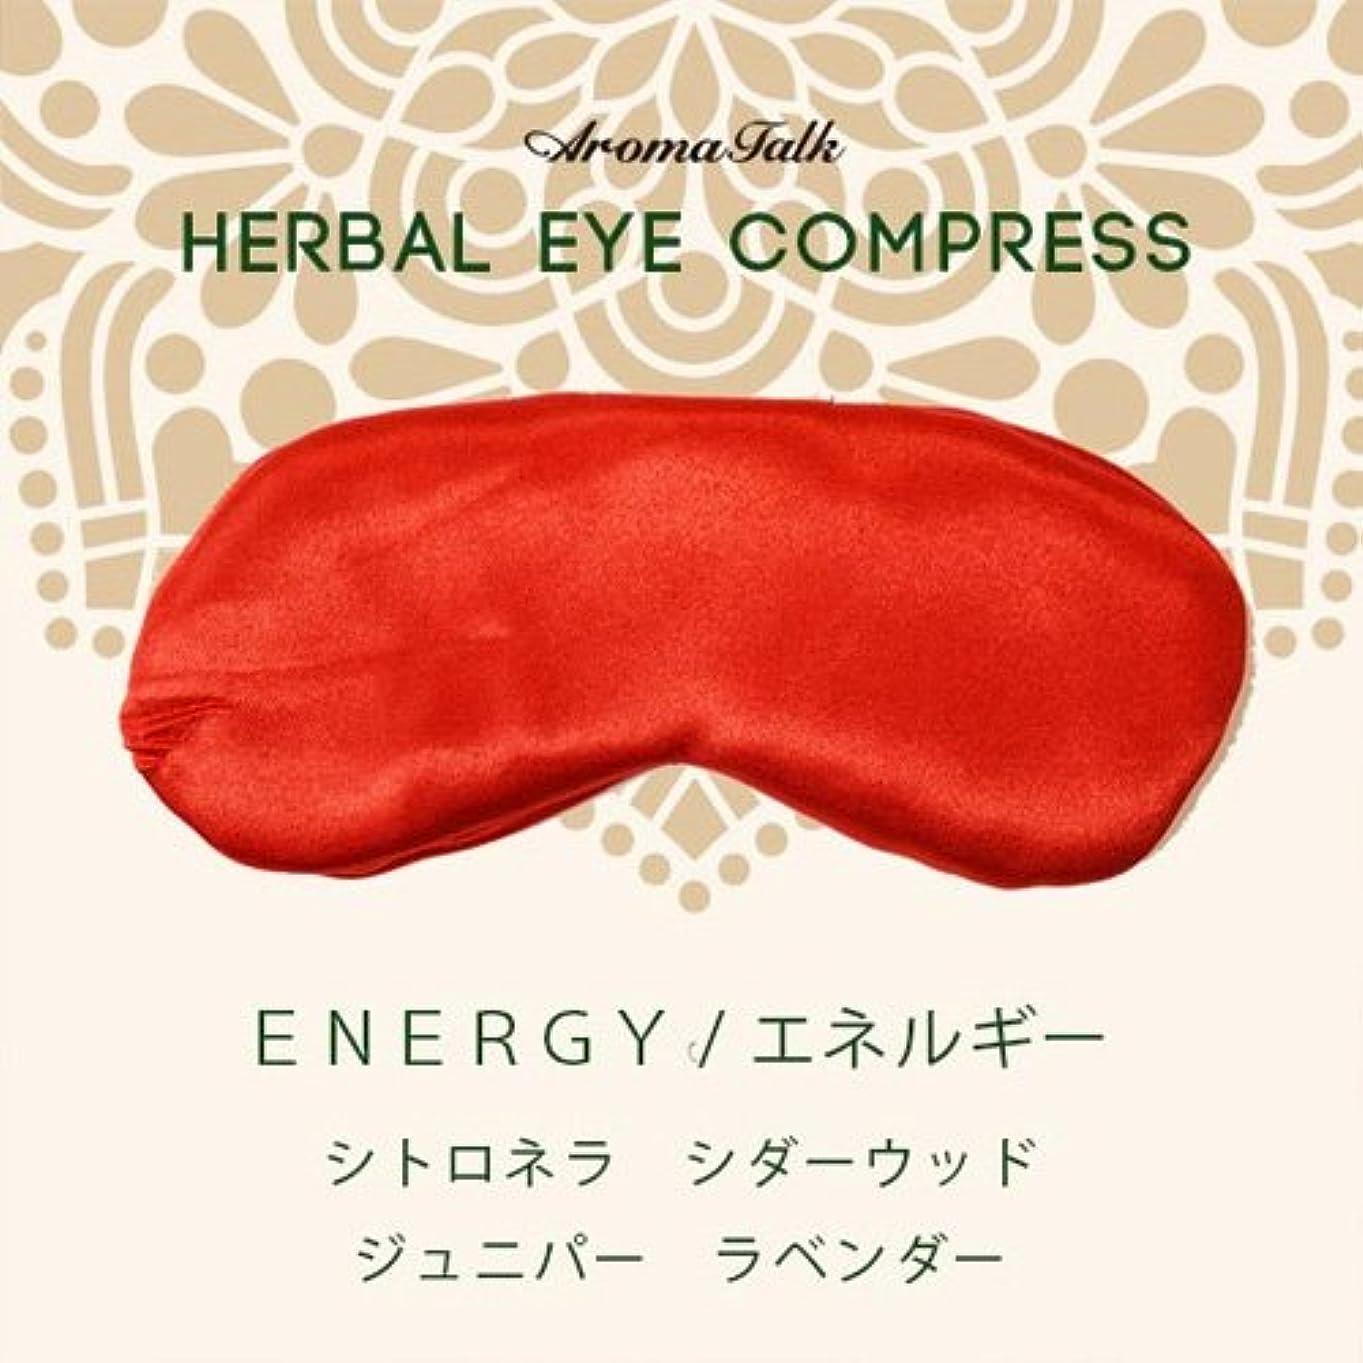 スキニー登場検索ハーバルアイコンプレス「エネルギー」赤/南国ようなエネルギーにあふれる香り